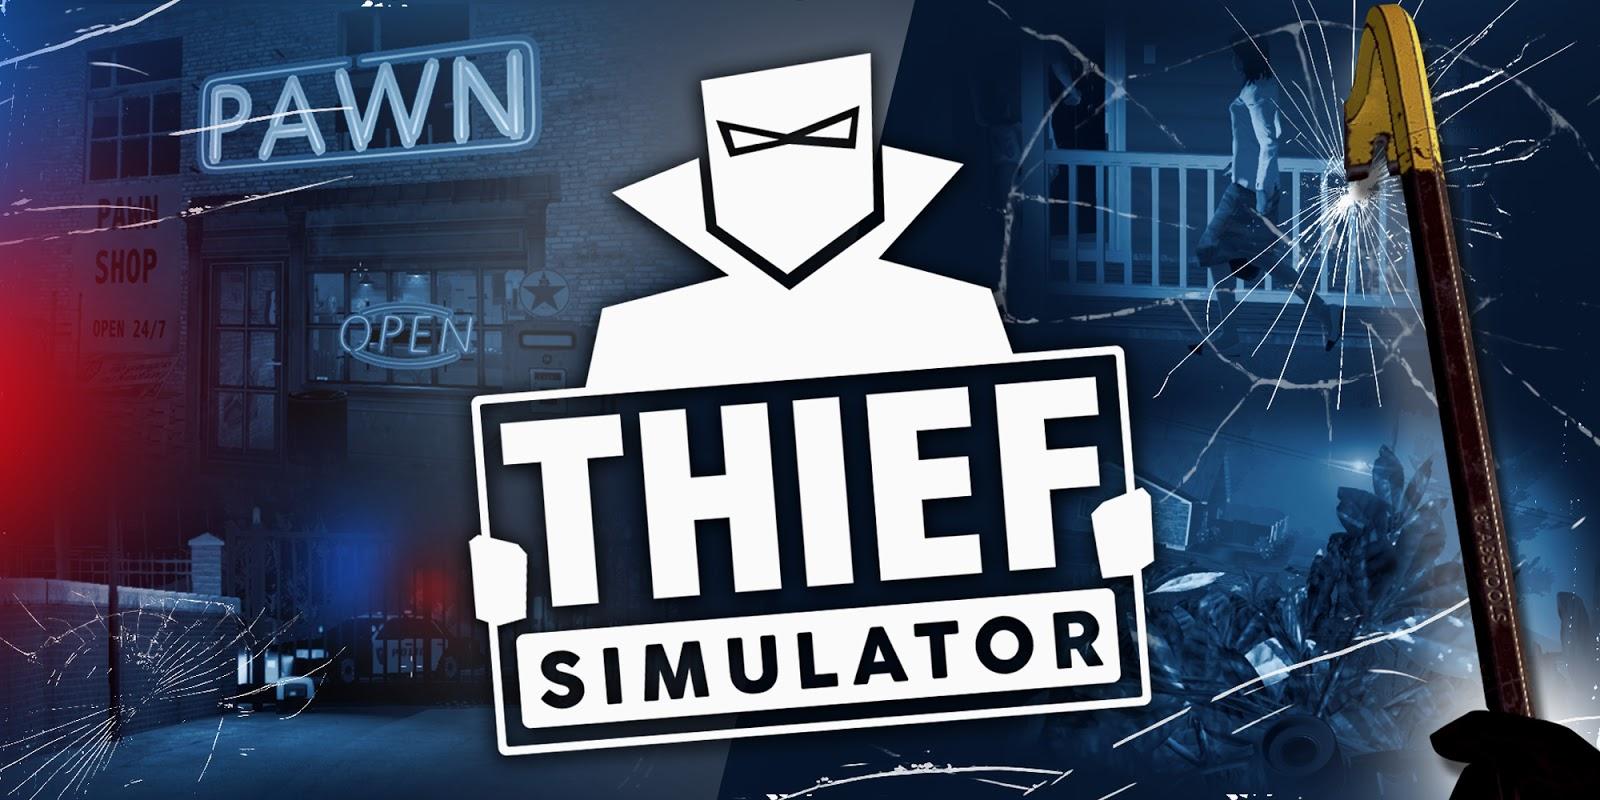 تحميل لعبة thief simulator للكمبيوتر مجانا